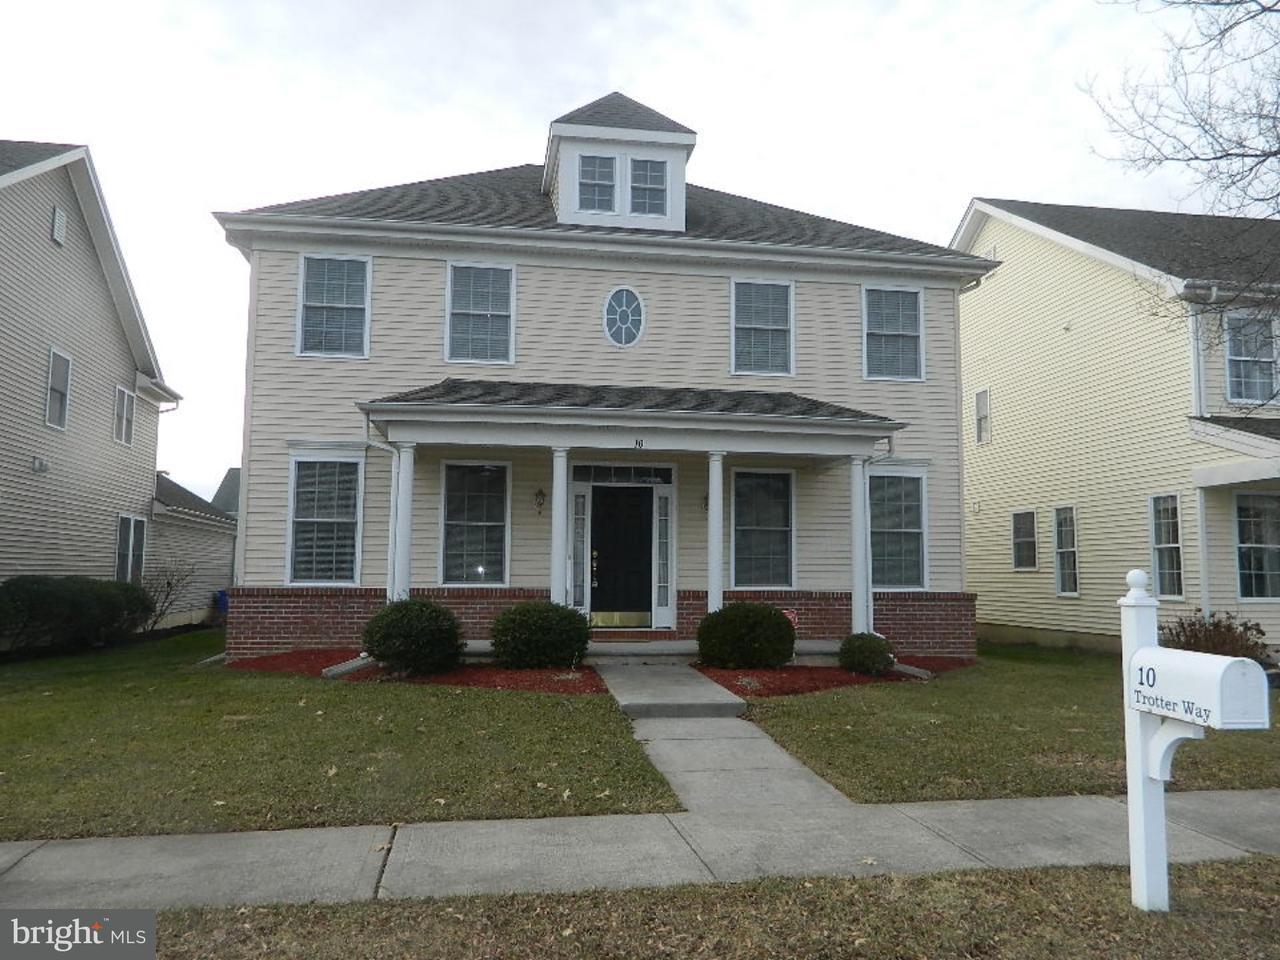 Частный односемейный дом для того Продажа на 10 TROTTER WAY Crosswicks, Нью-Джерси 08515 Соединенные ШтатыВ/Около: Chesterfield Township